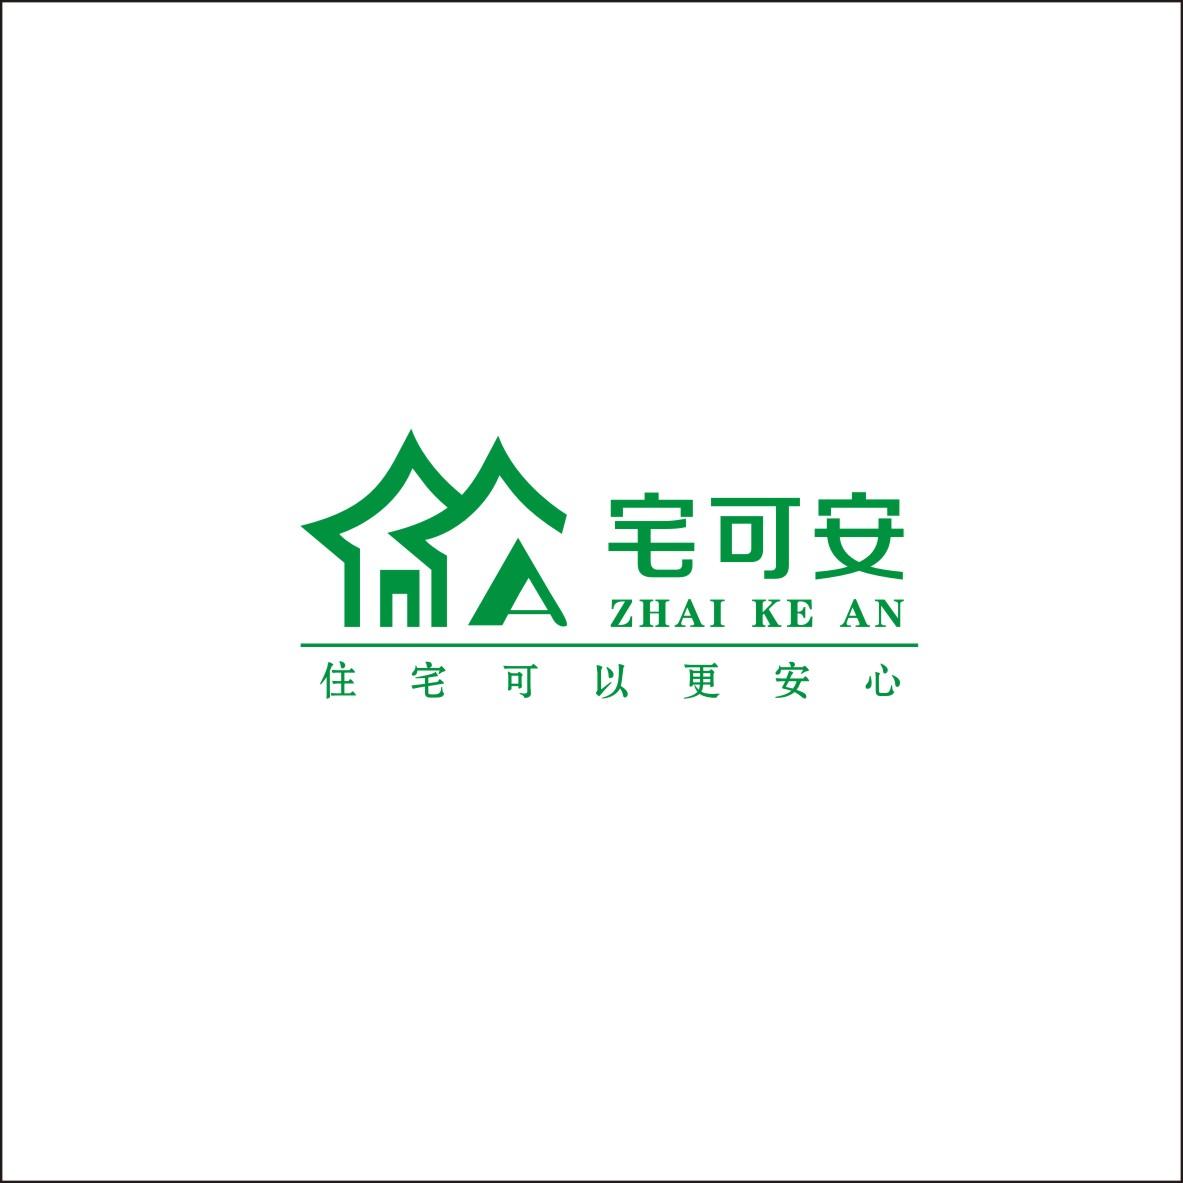 广州宅可安建材有限公司